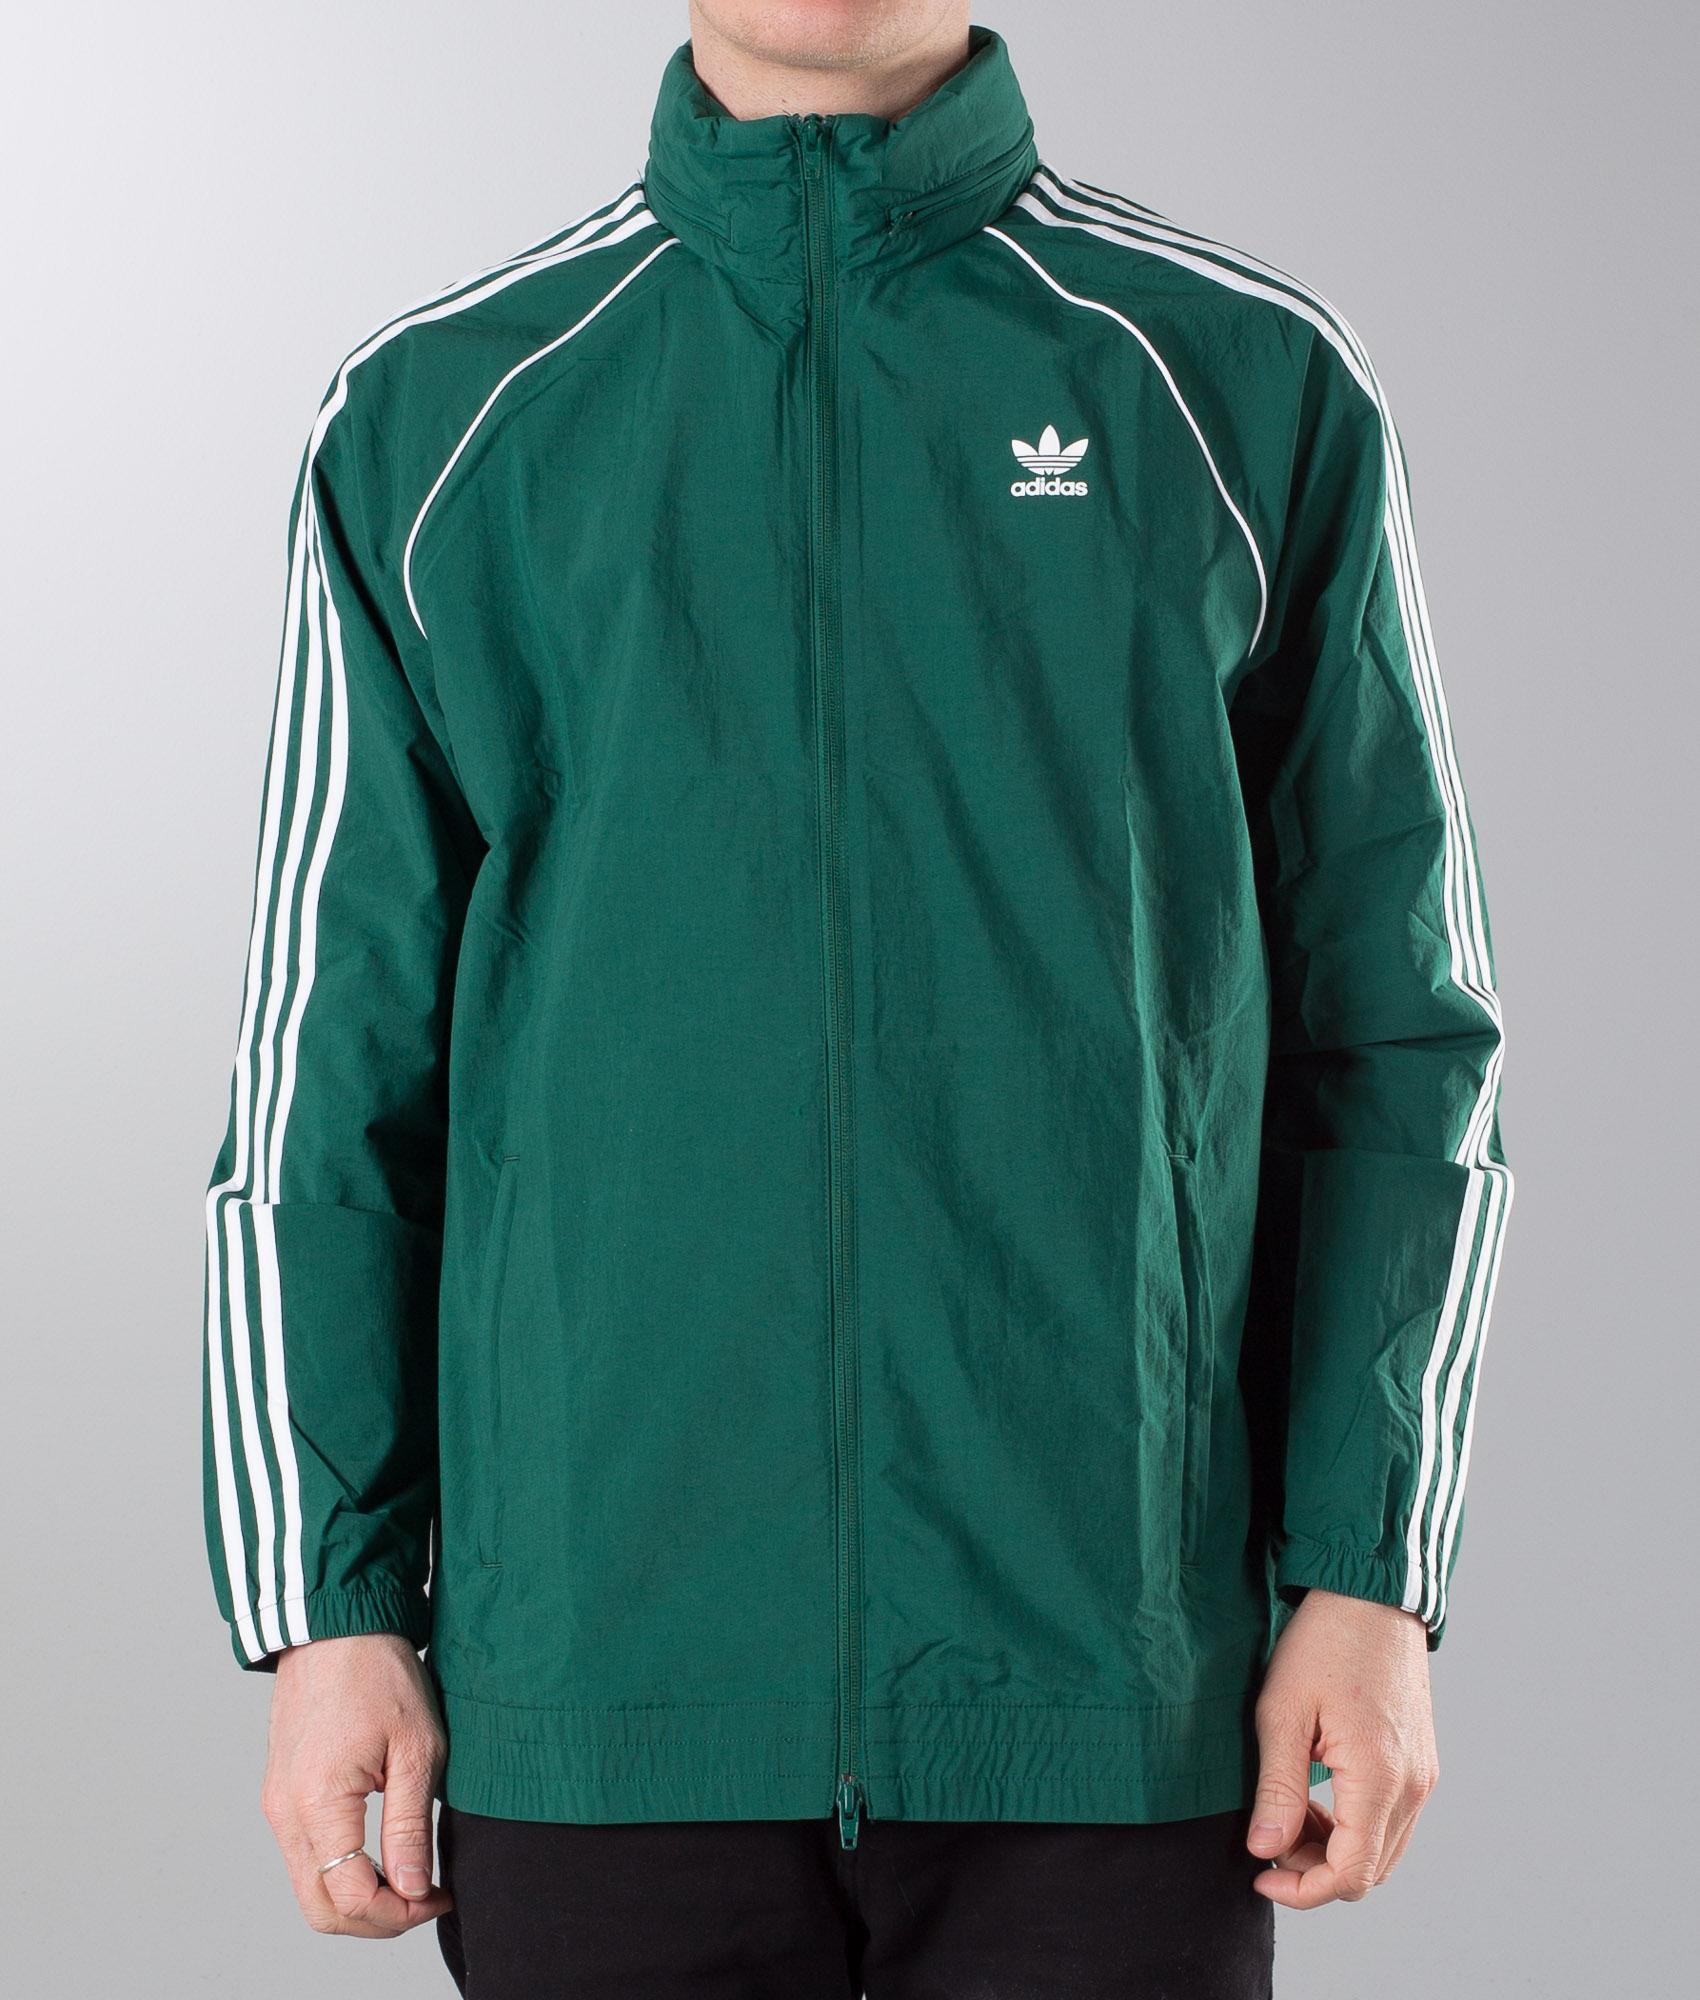 Adidas Originals SST Veste Collegiate Green